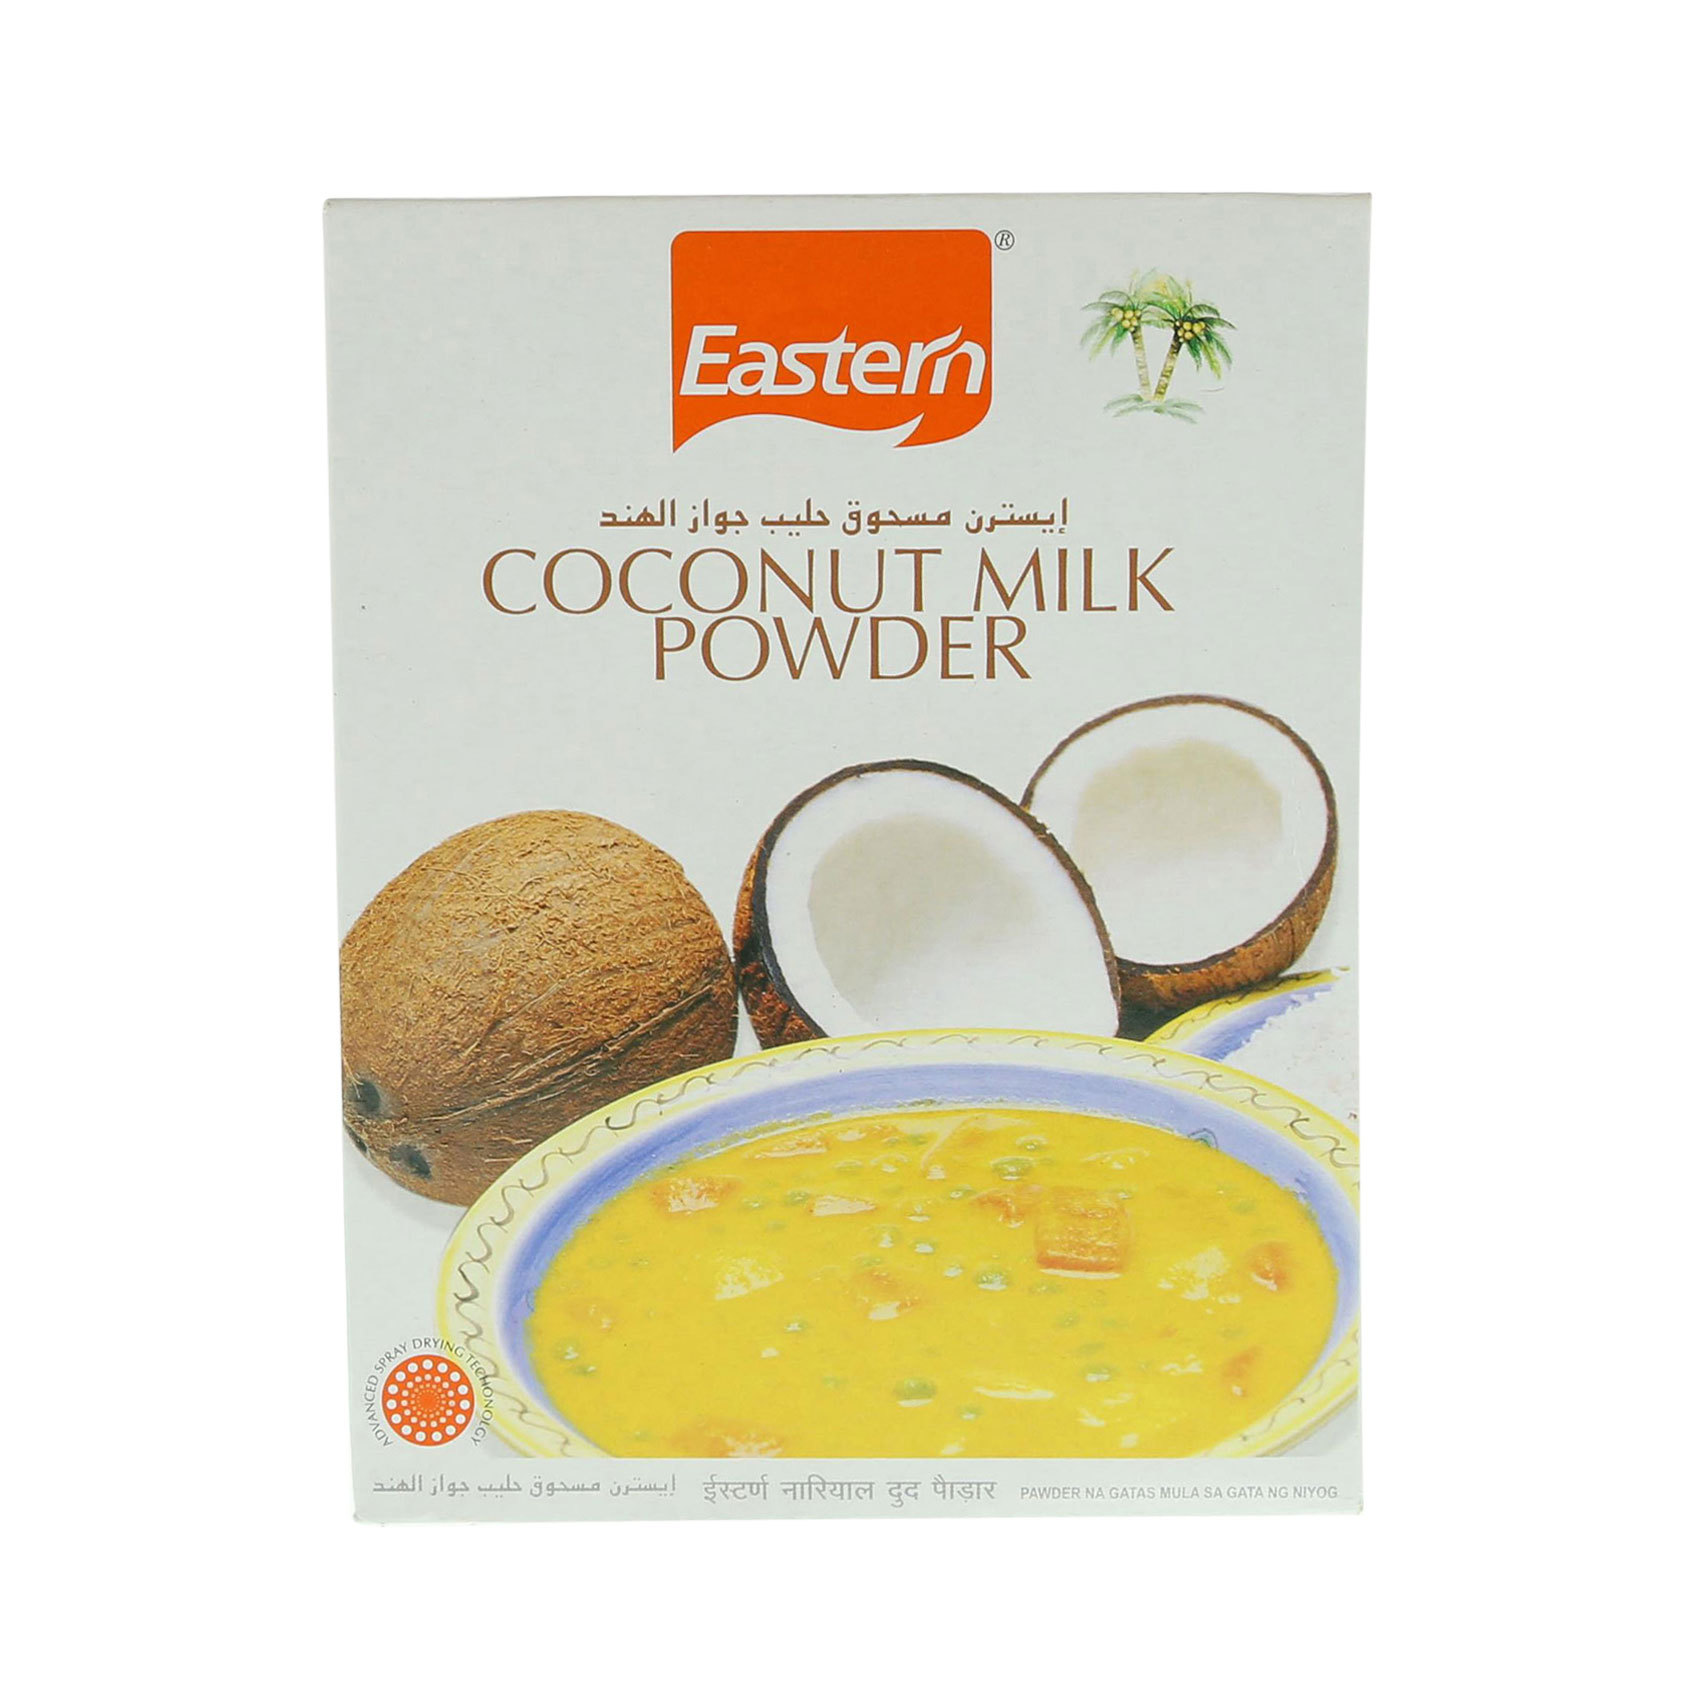 EASTERN COCONUT MILK POWDER 150GR